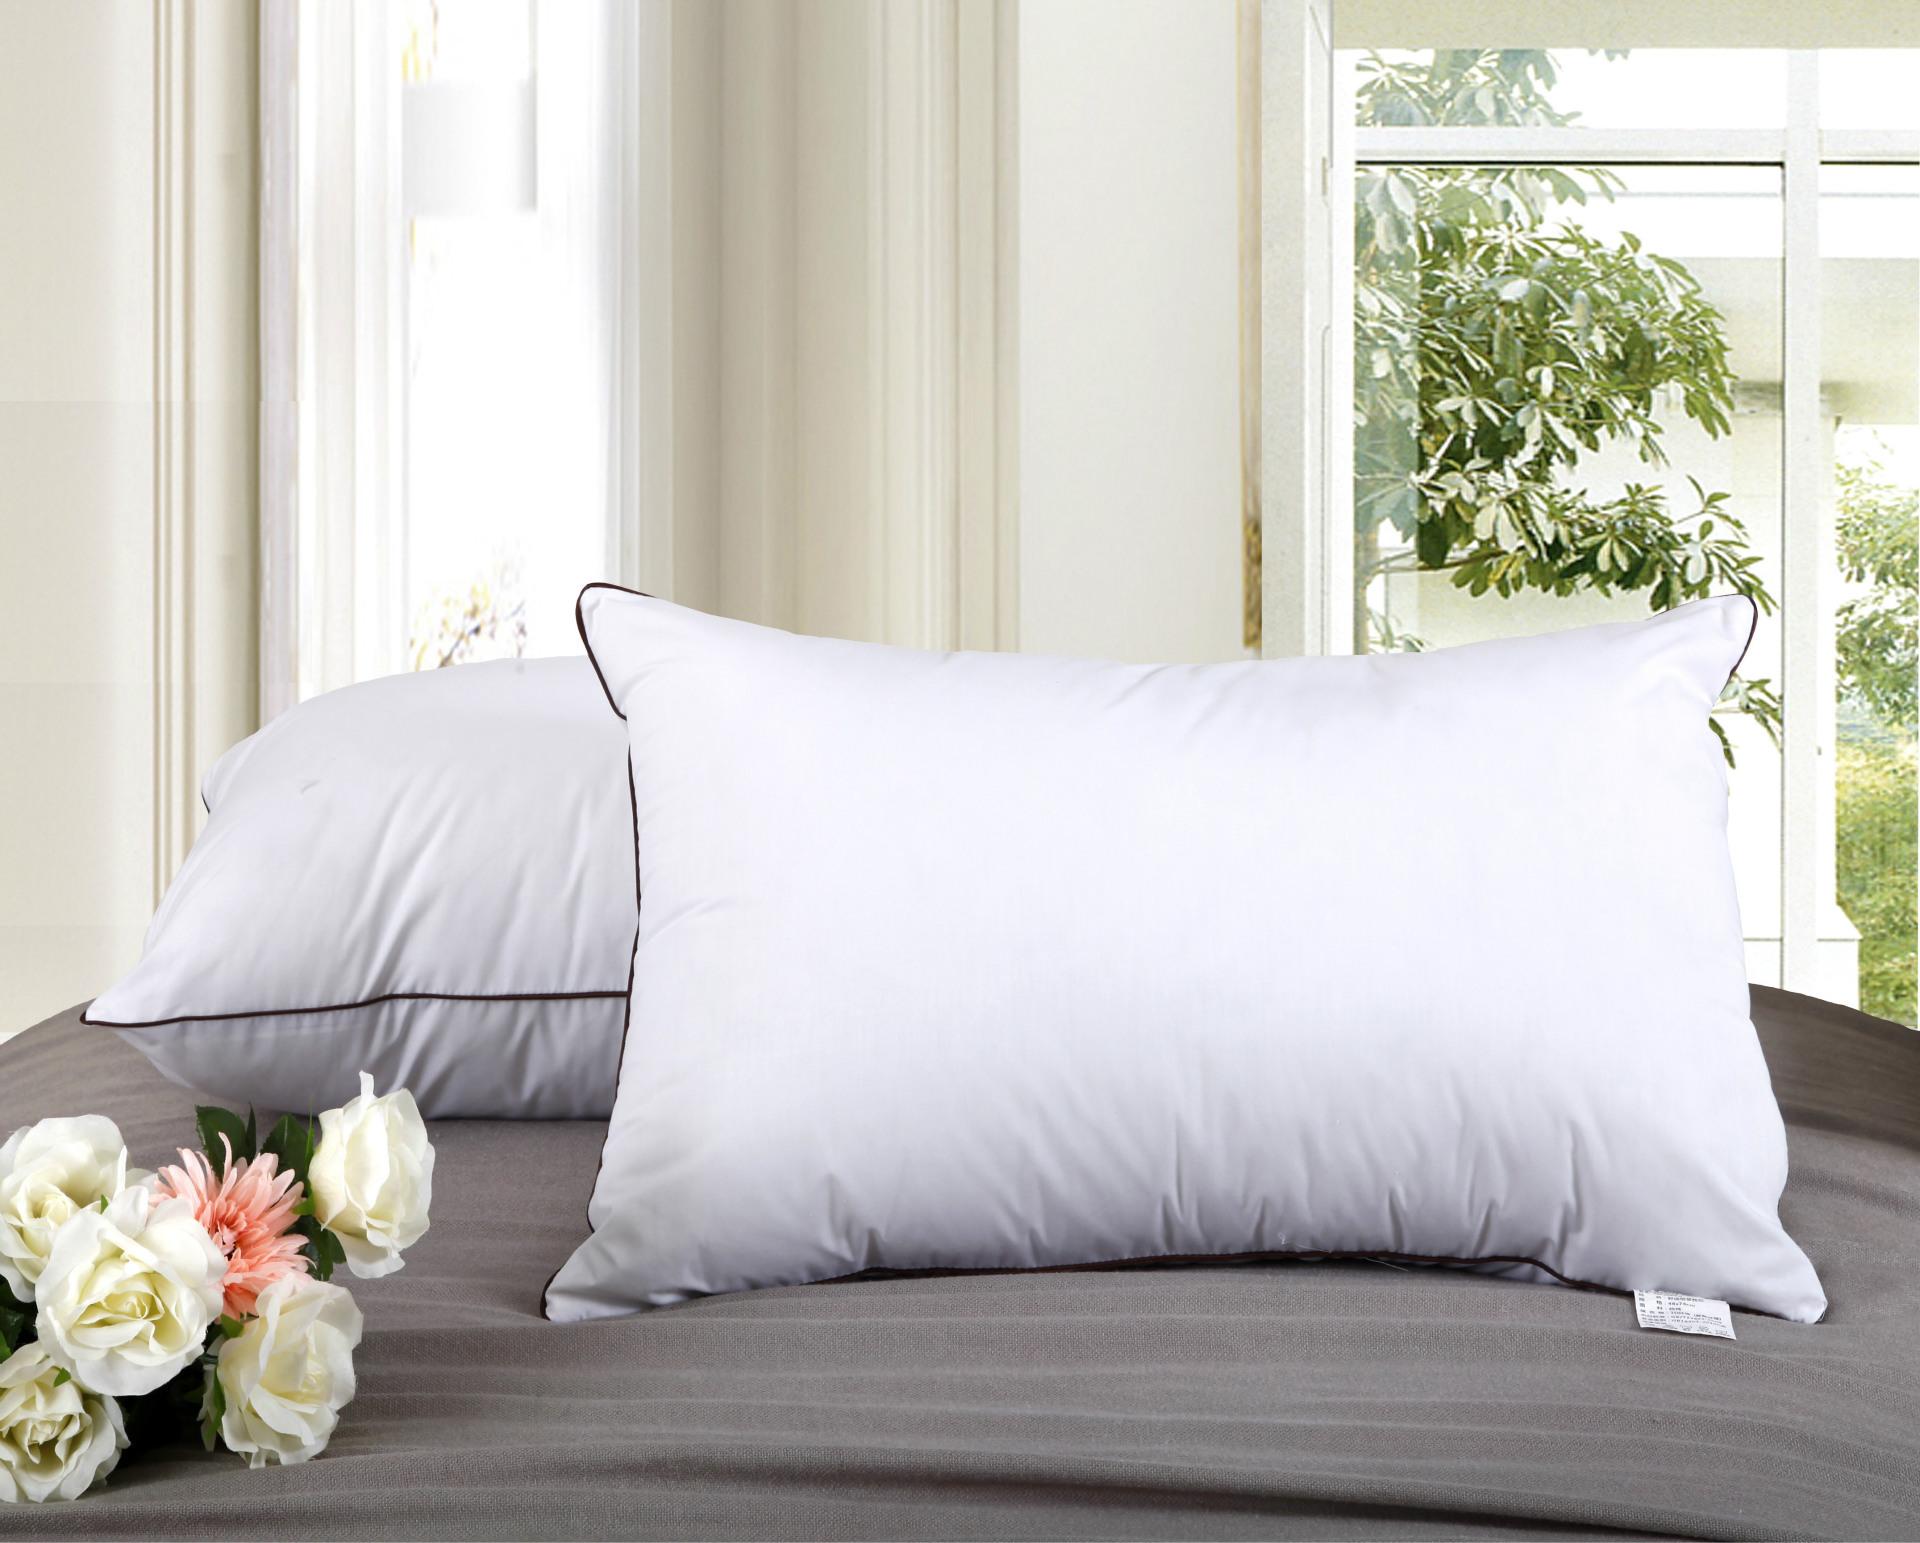 枕頭決定你的睡眠與健康